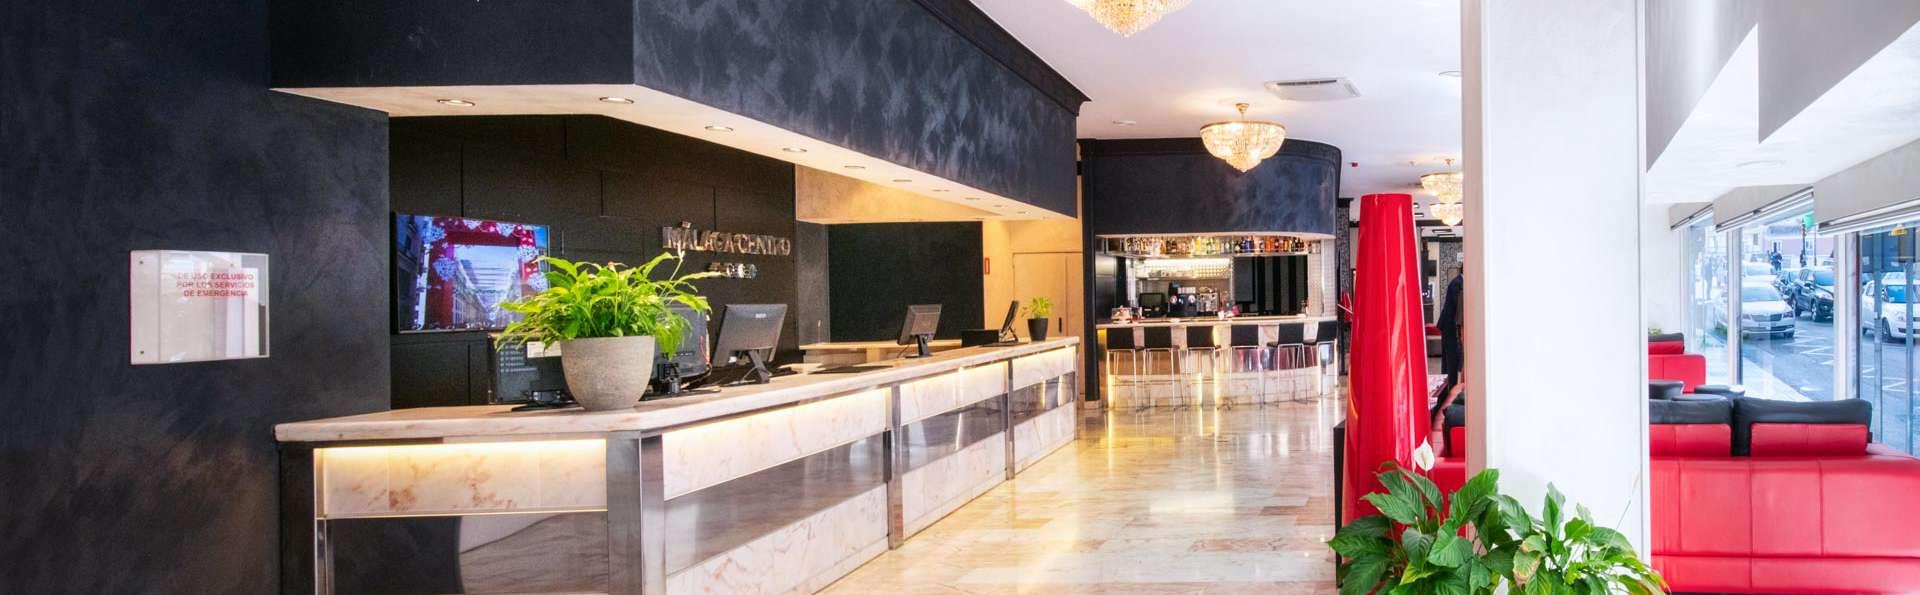 Sallés Hotel Málaga Centro - EDIT_LOBBY_01.jpg